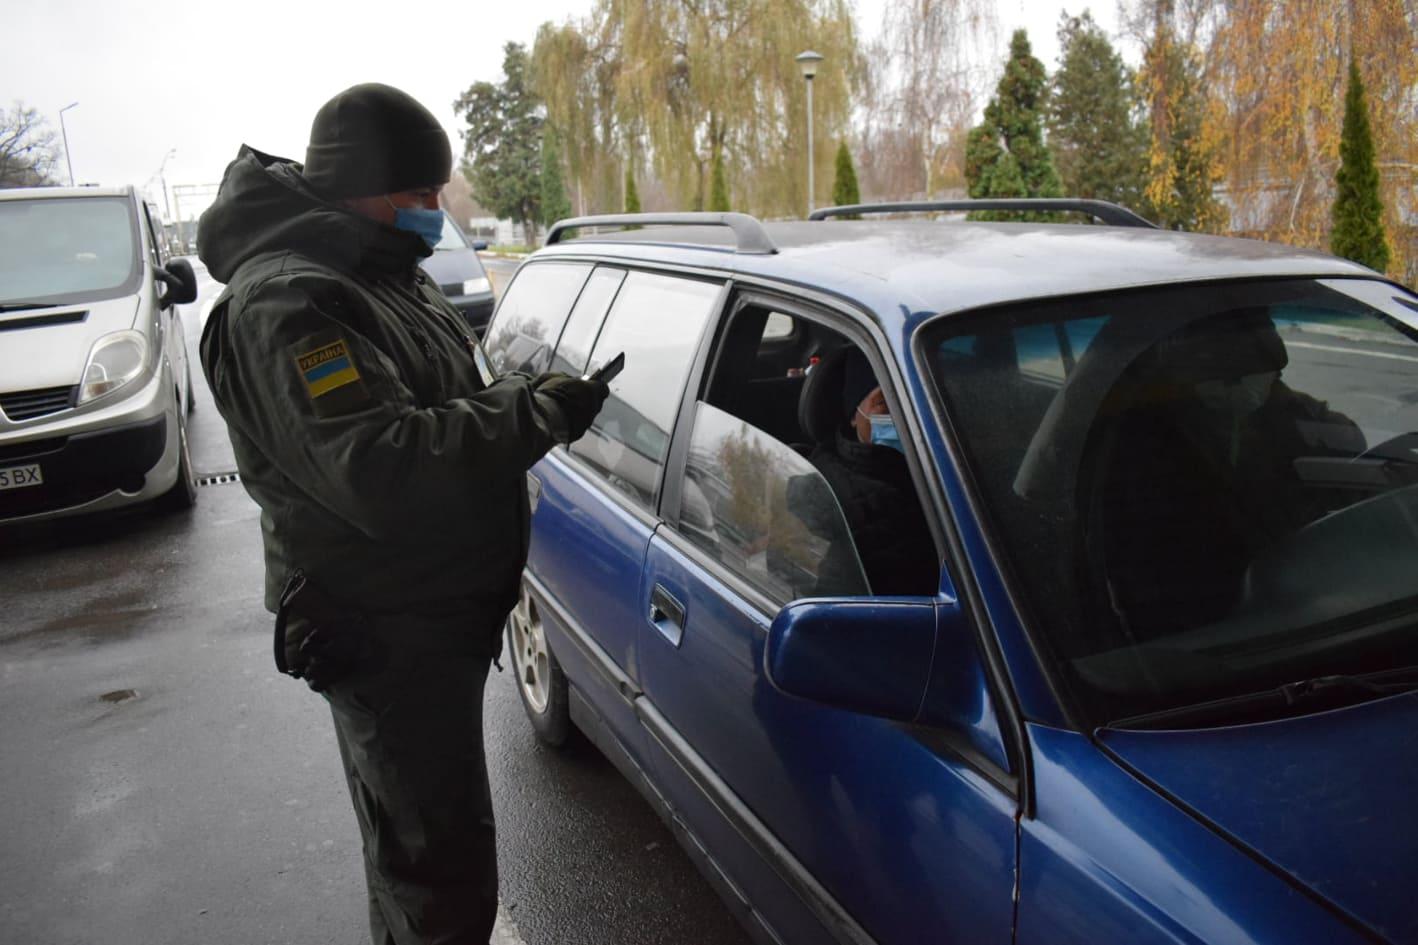 Українець та іноземець намагалися перетнути кордон за документами з підробками.